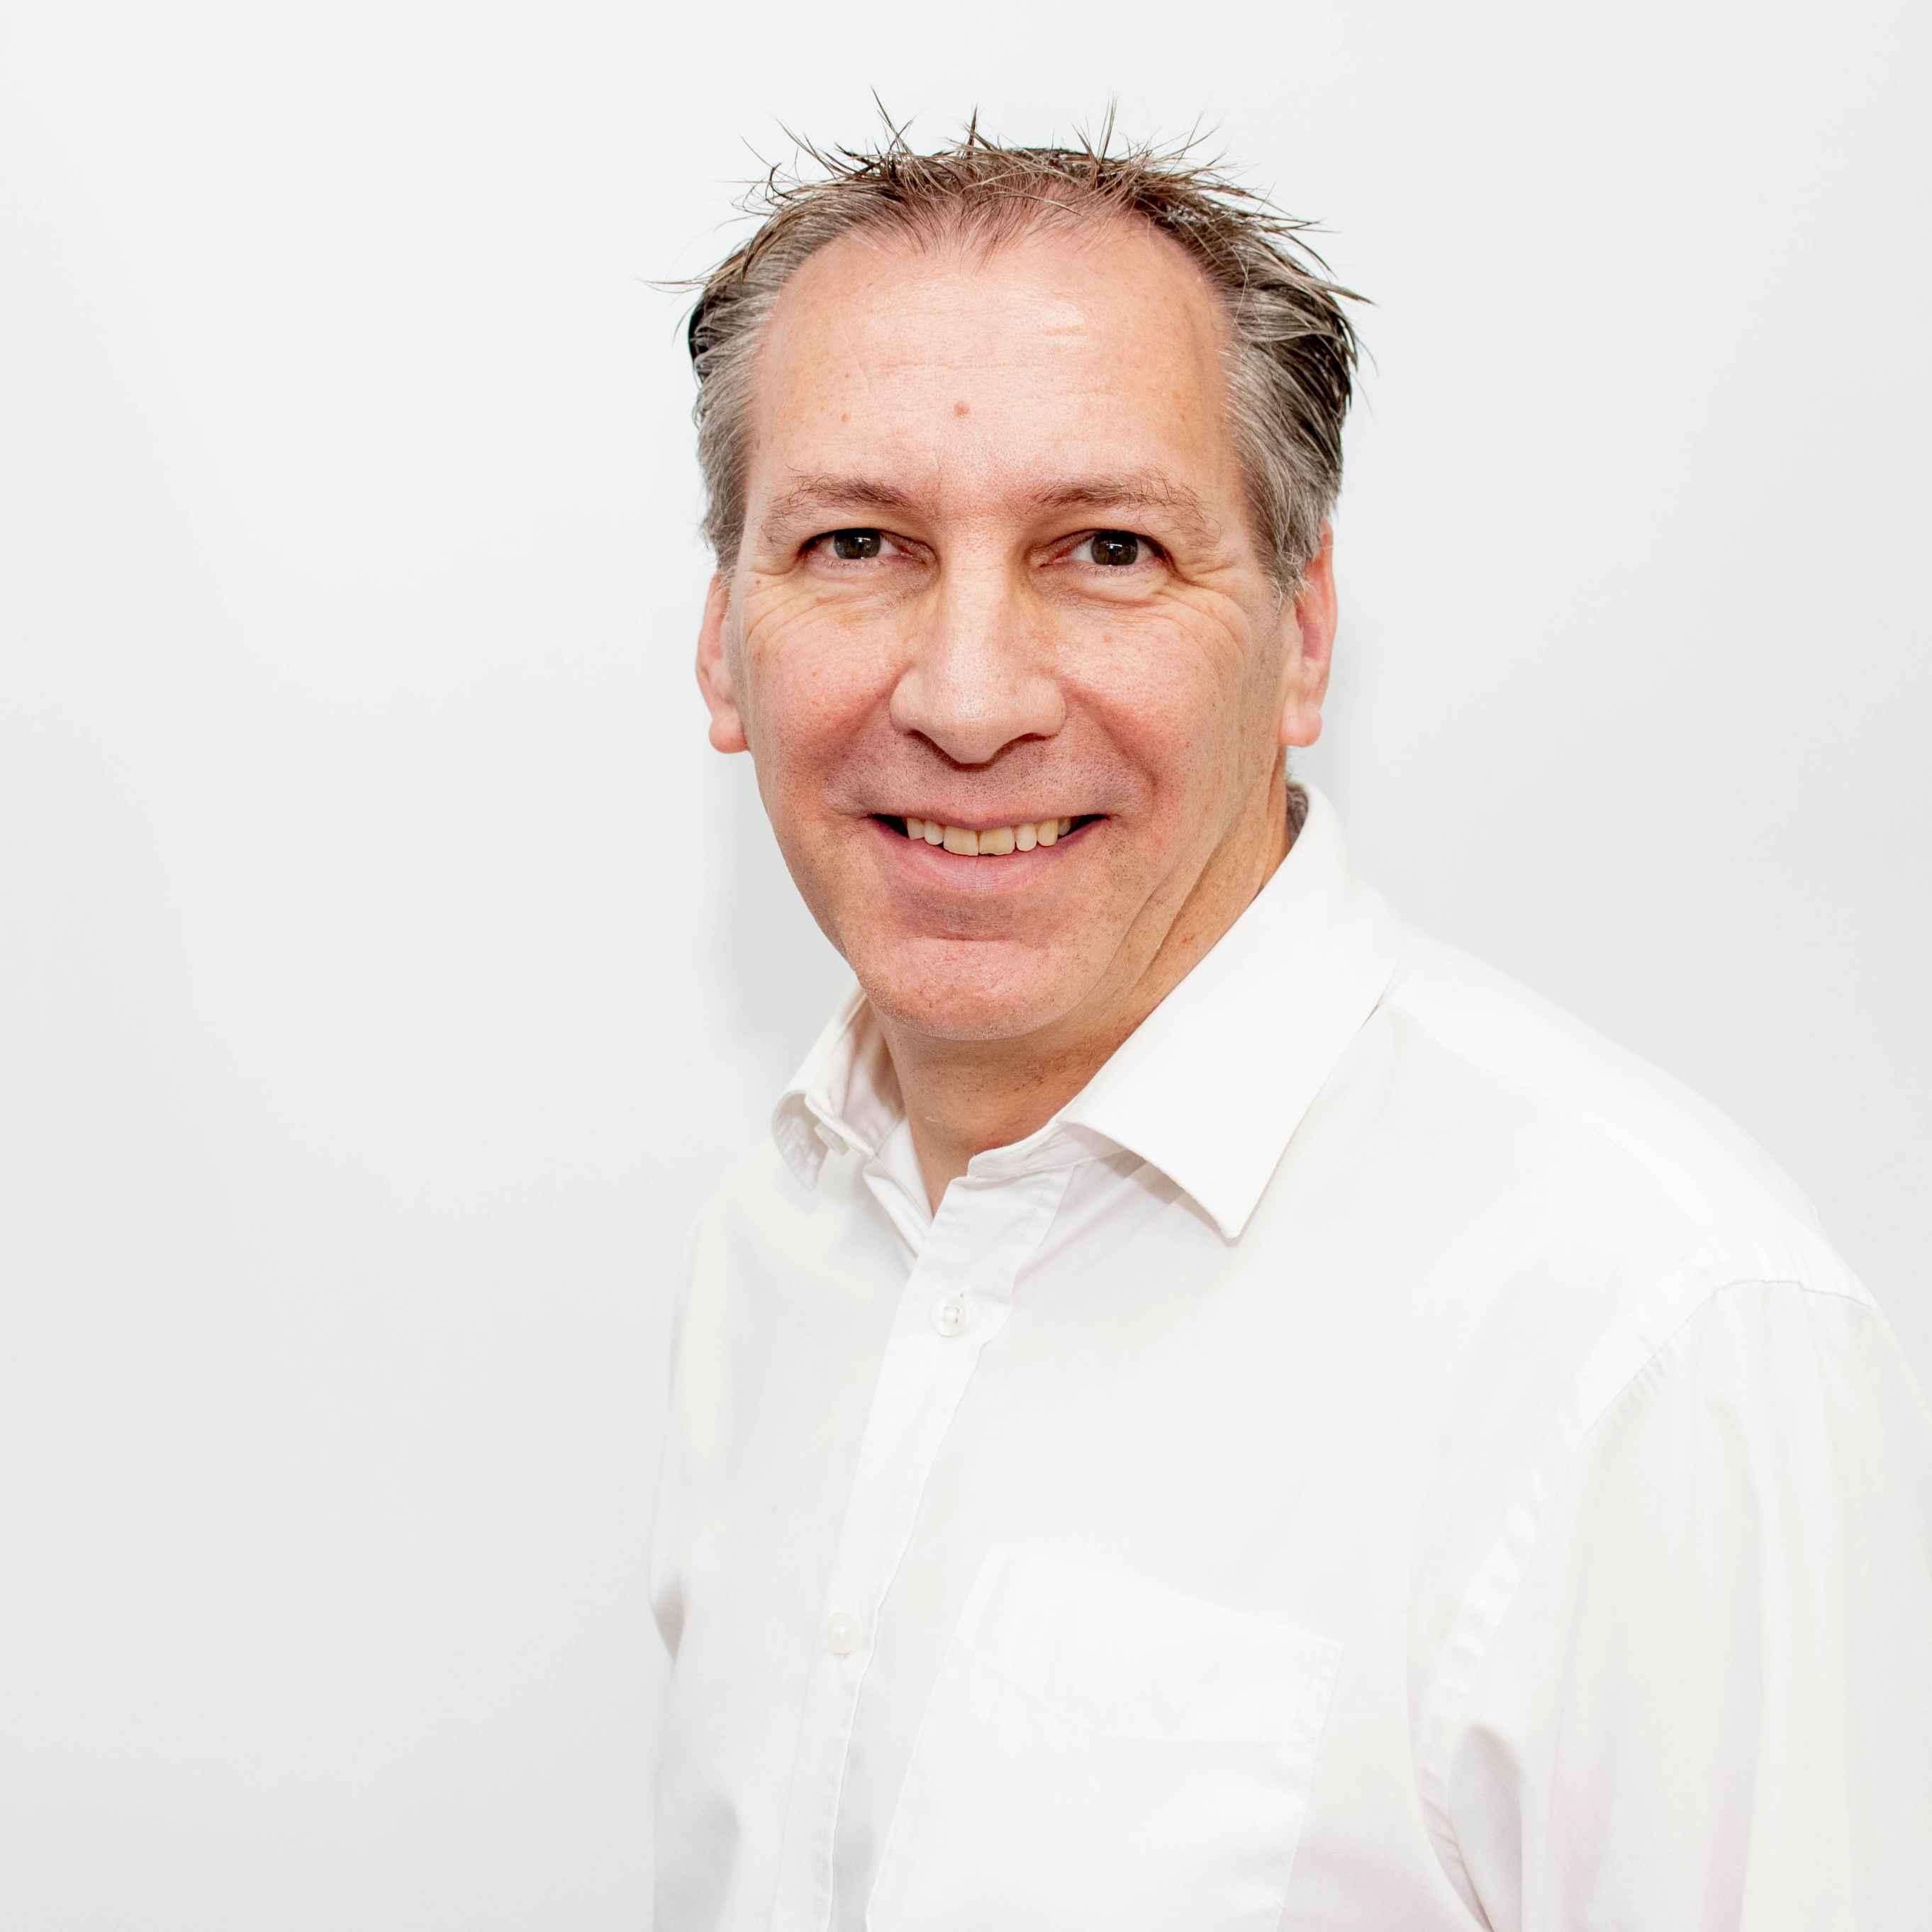 Steve Guy at Millington Travel